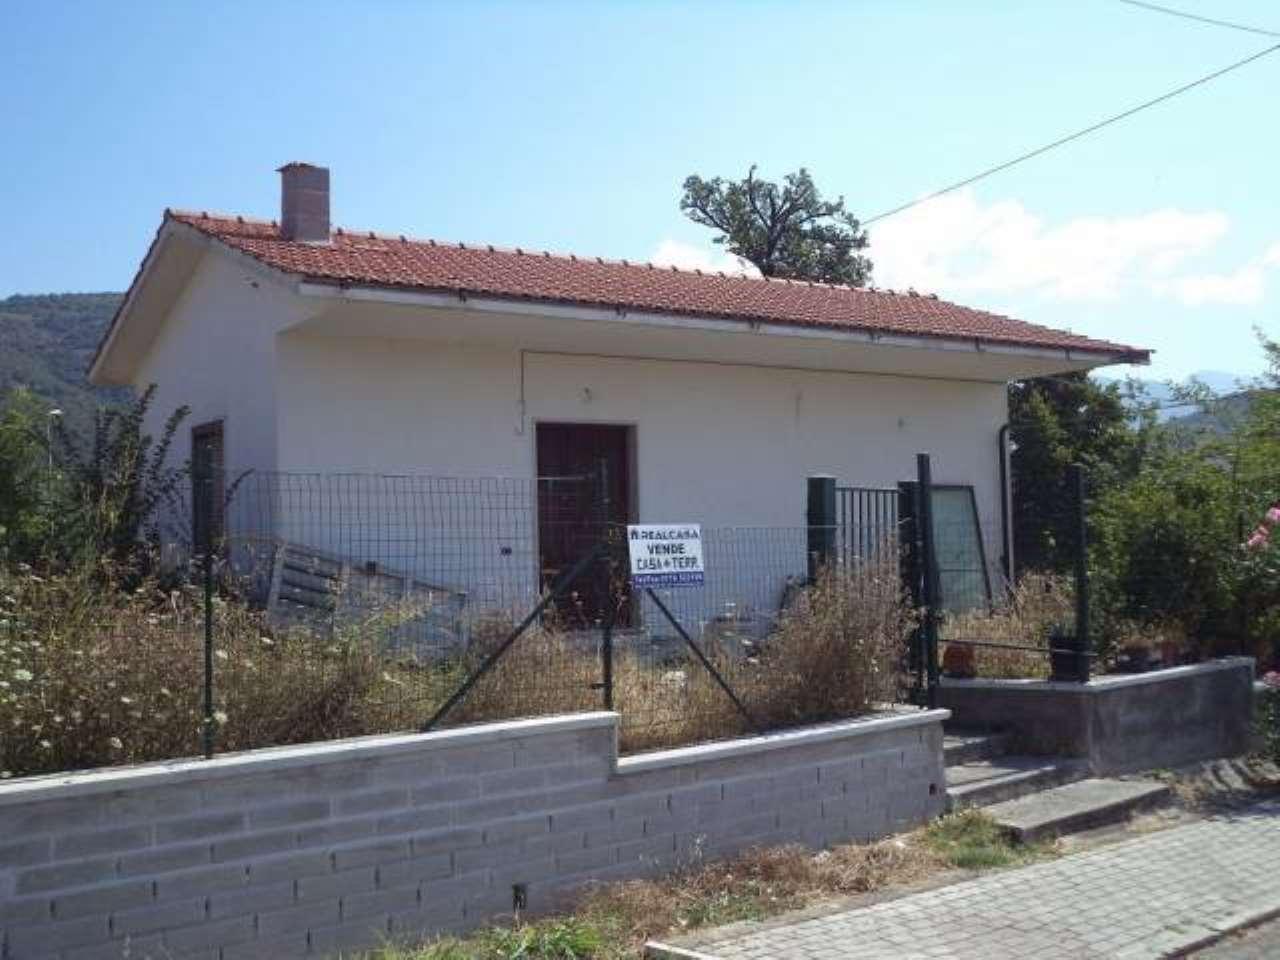 Villa in vendita a Colfelice, 9999 locali, prezzo € 97.000 | CambioCasa.it